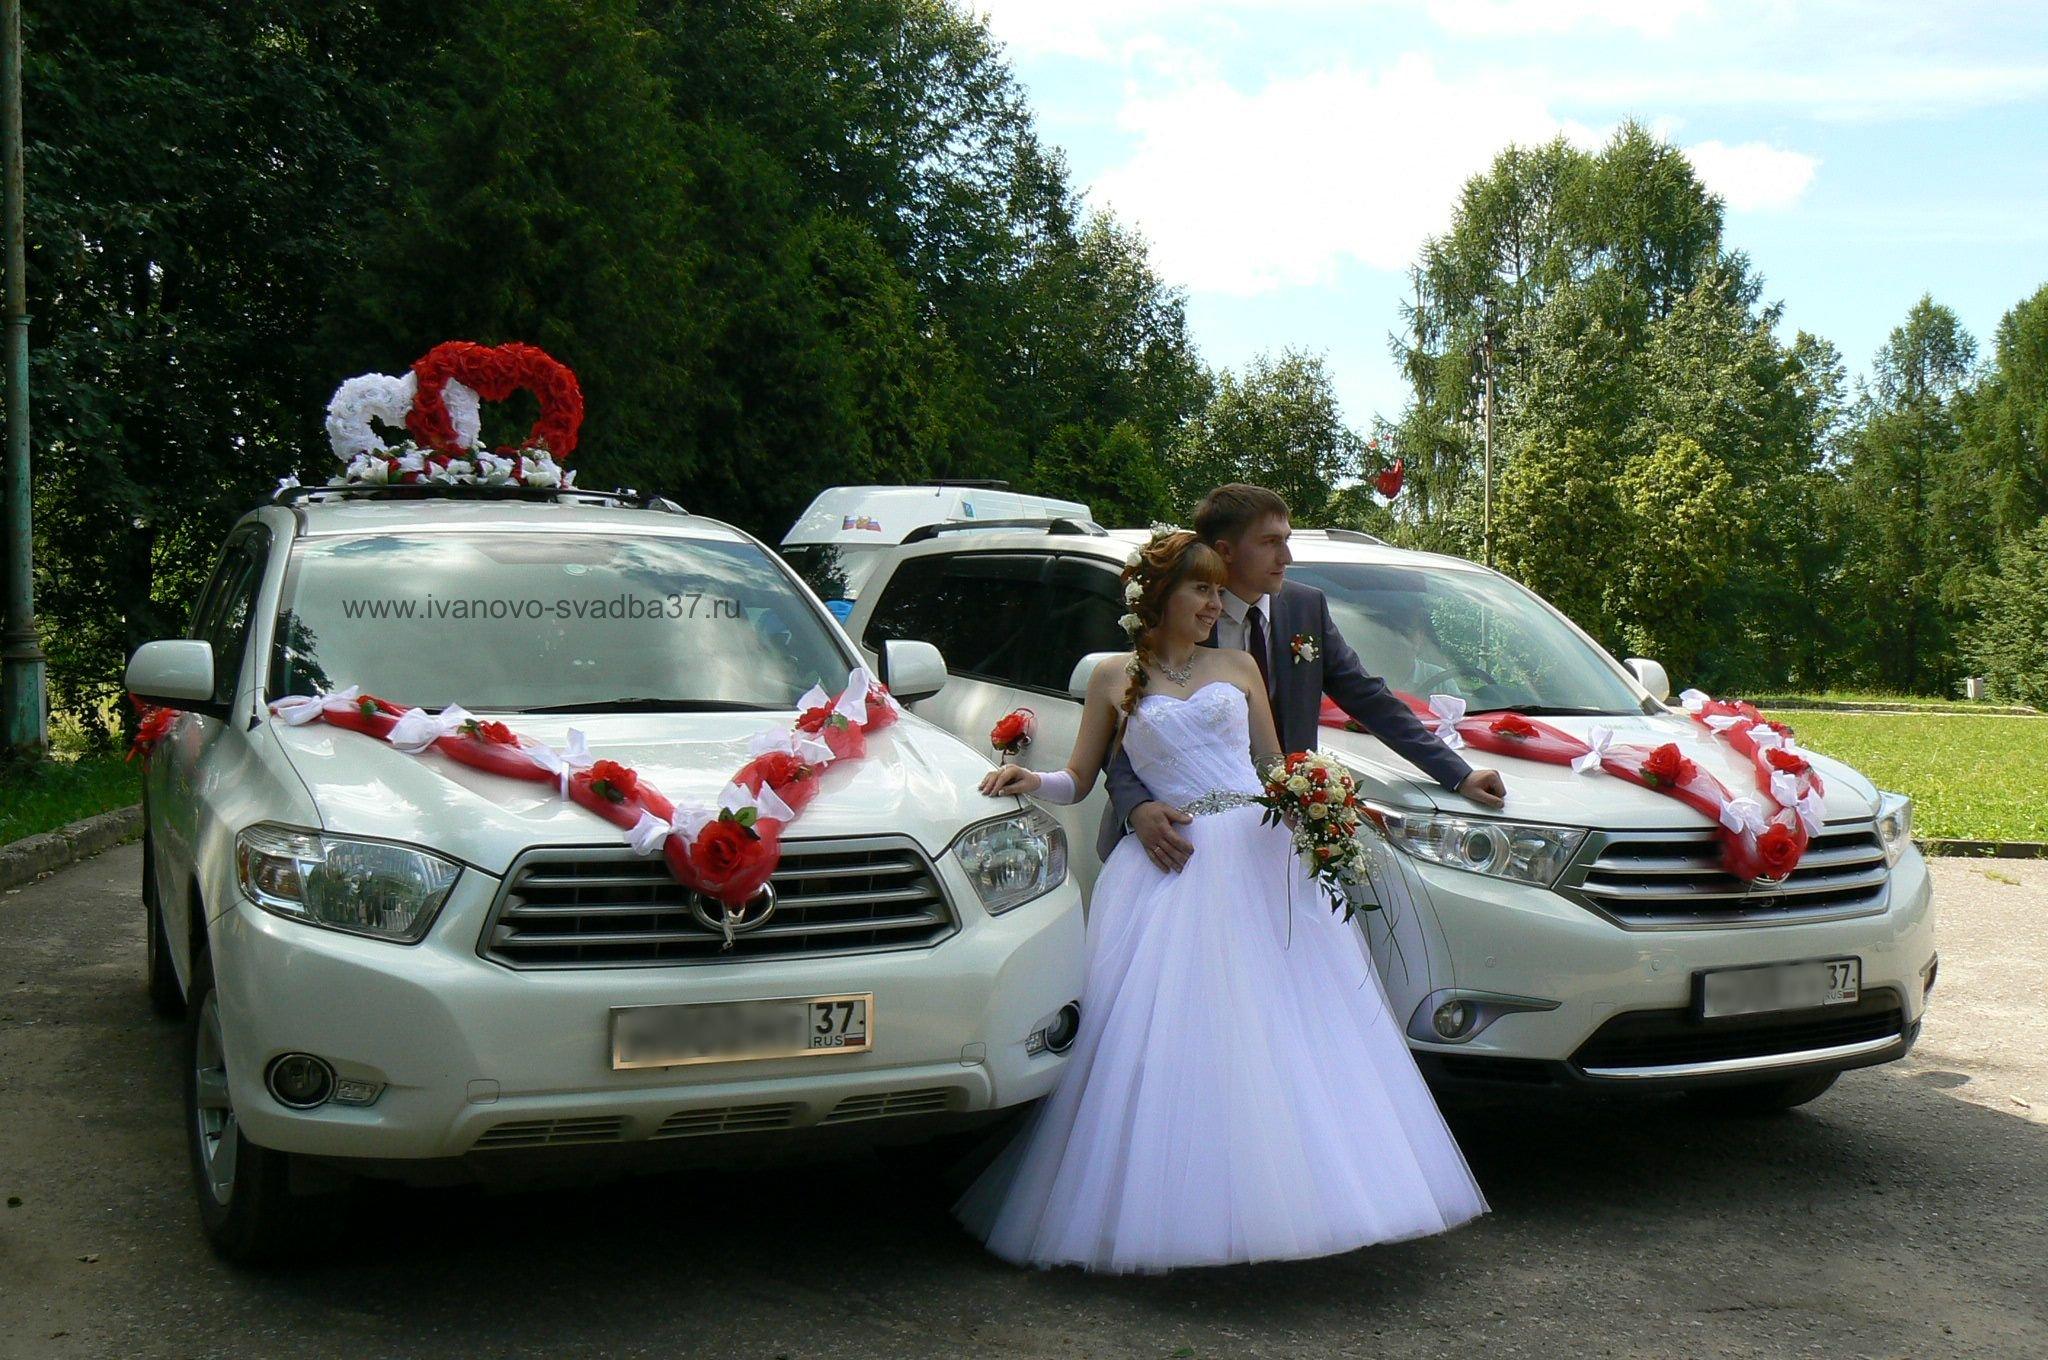 Свадьба фото невест и машин